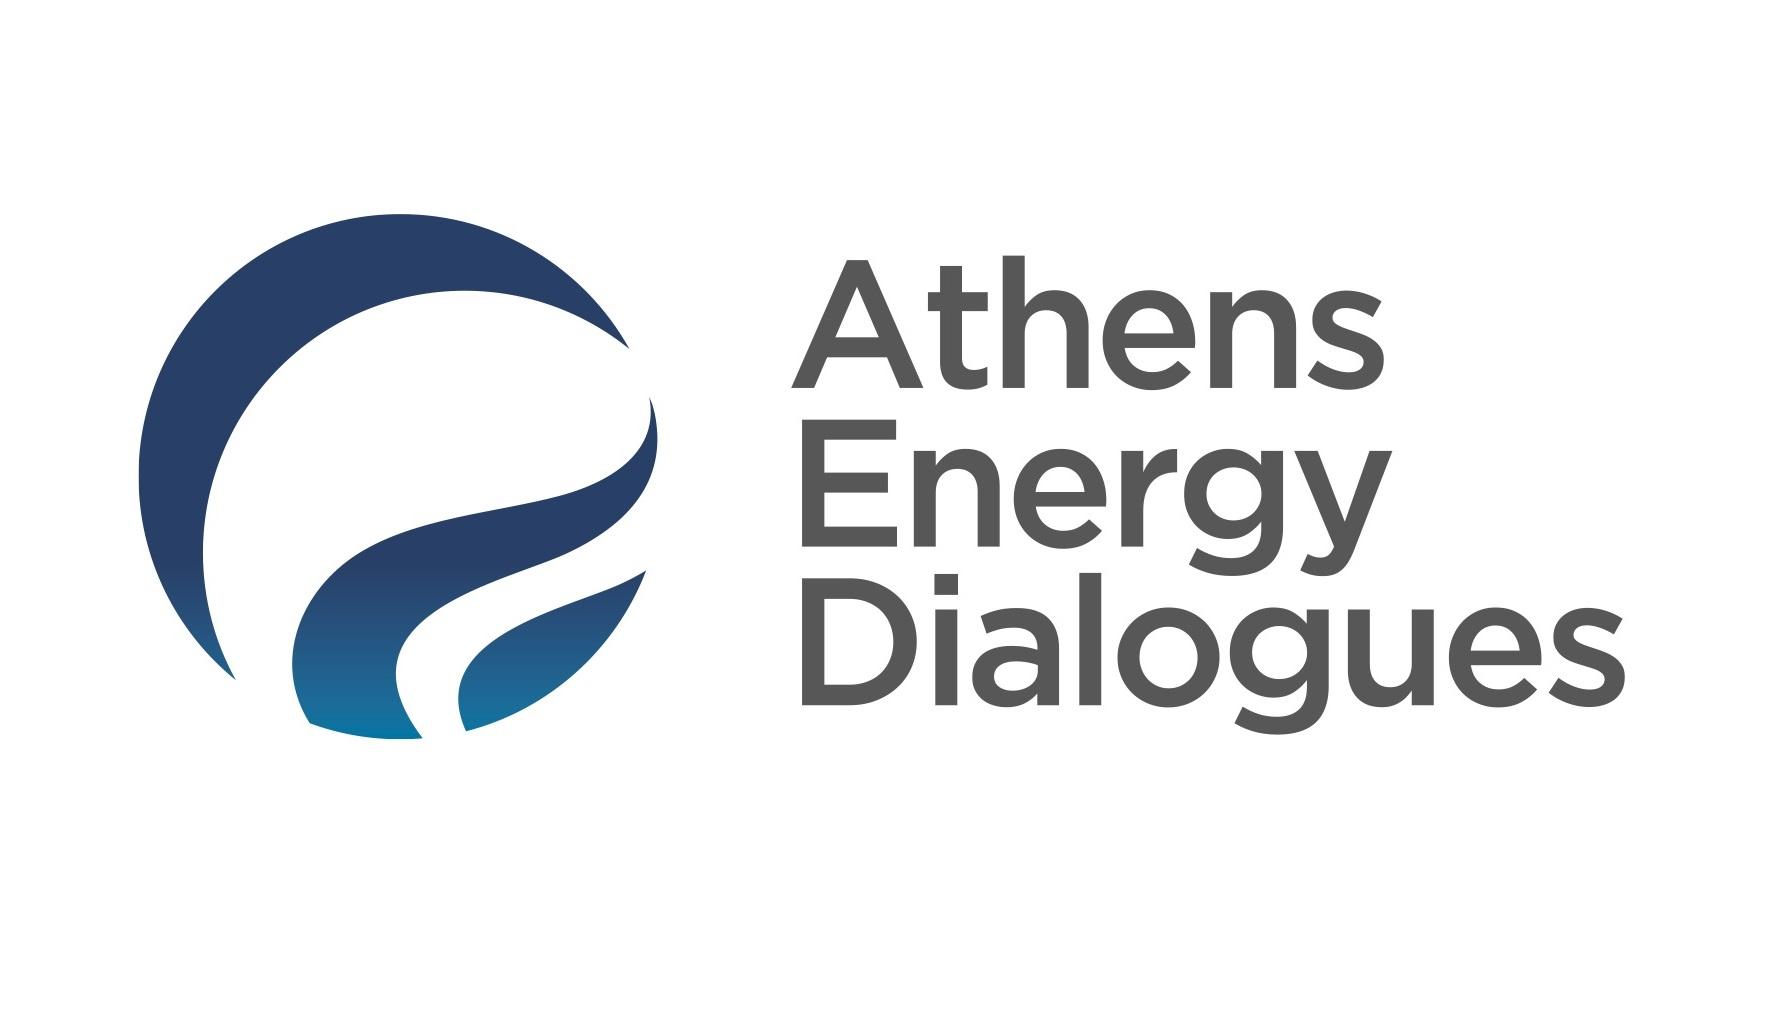 Το Συνέδριο Athens Energy Dialogues στις 23 & 24 Ιανουαρίου 2020